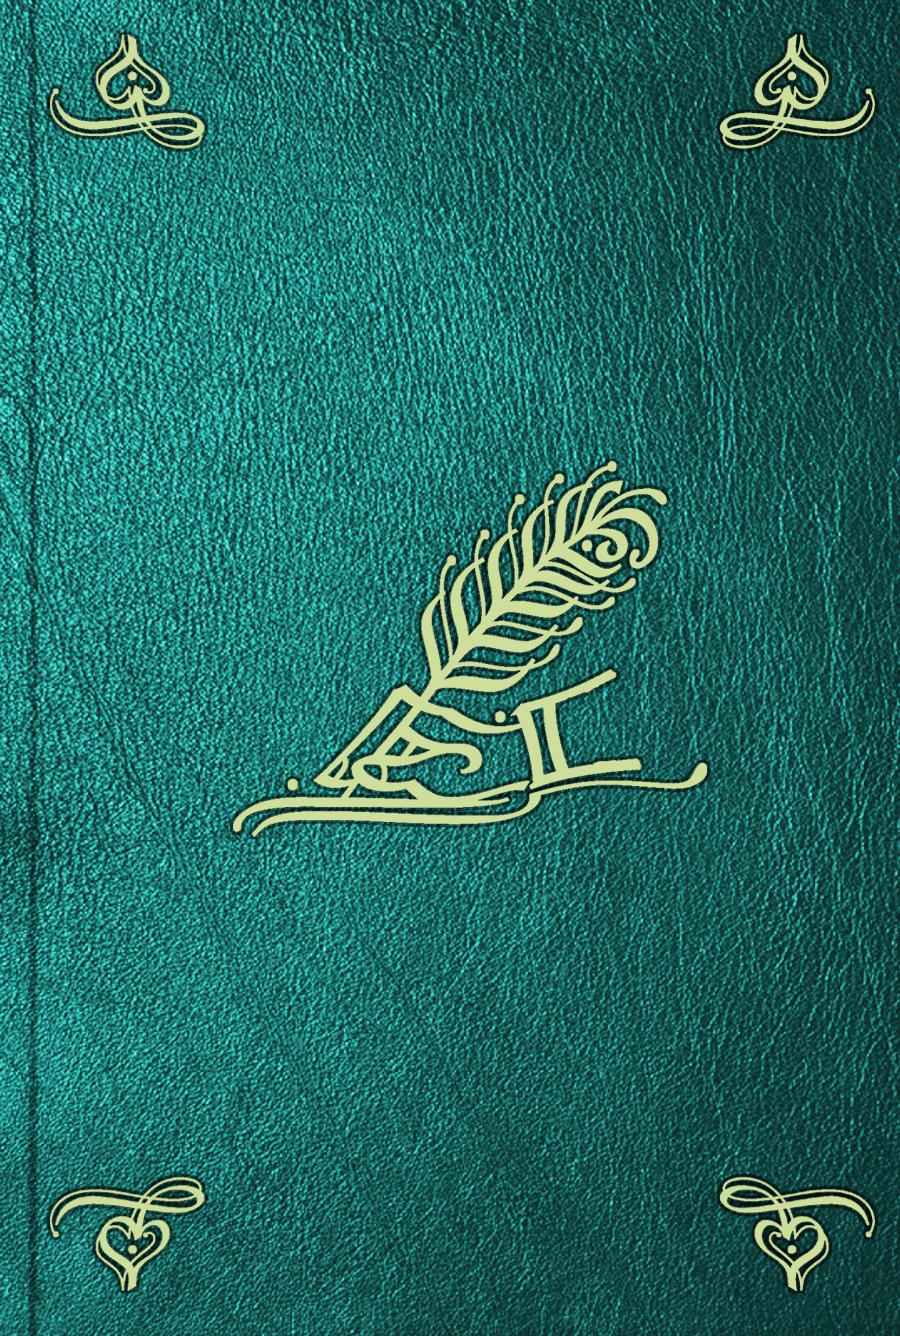 Pierre Loius Ginguené Storia della letteratura italiana. T. 9 pierre loius ginguené storia della letteratura italiana t 1